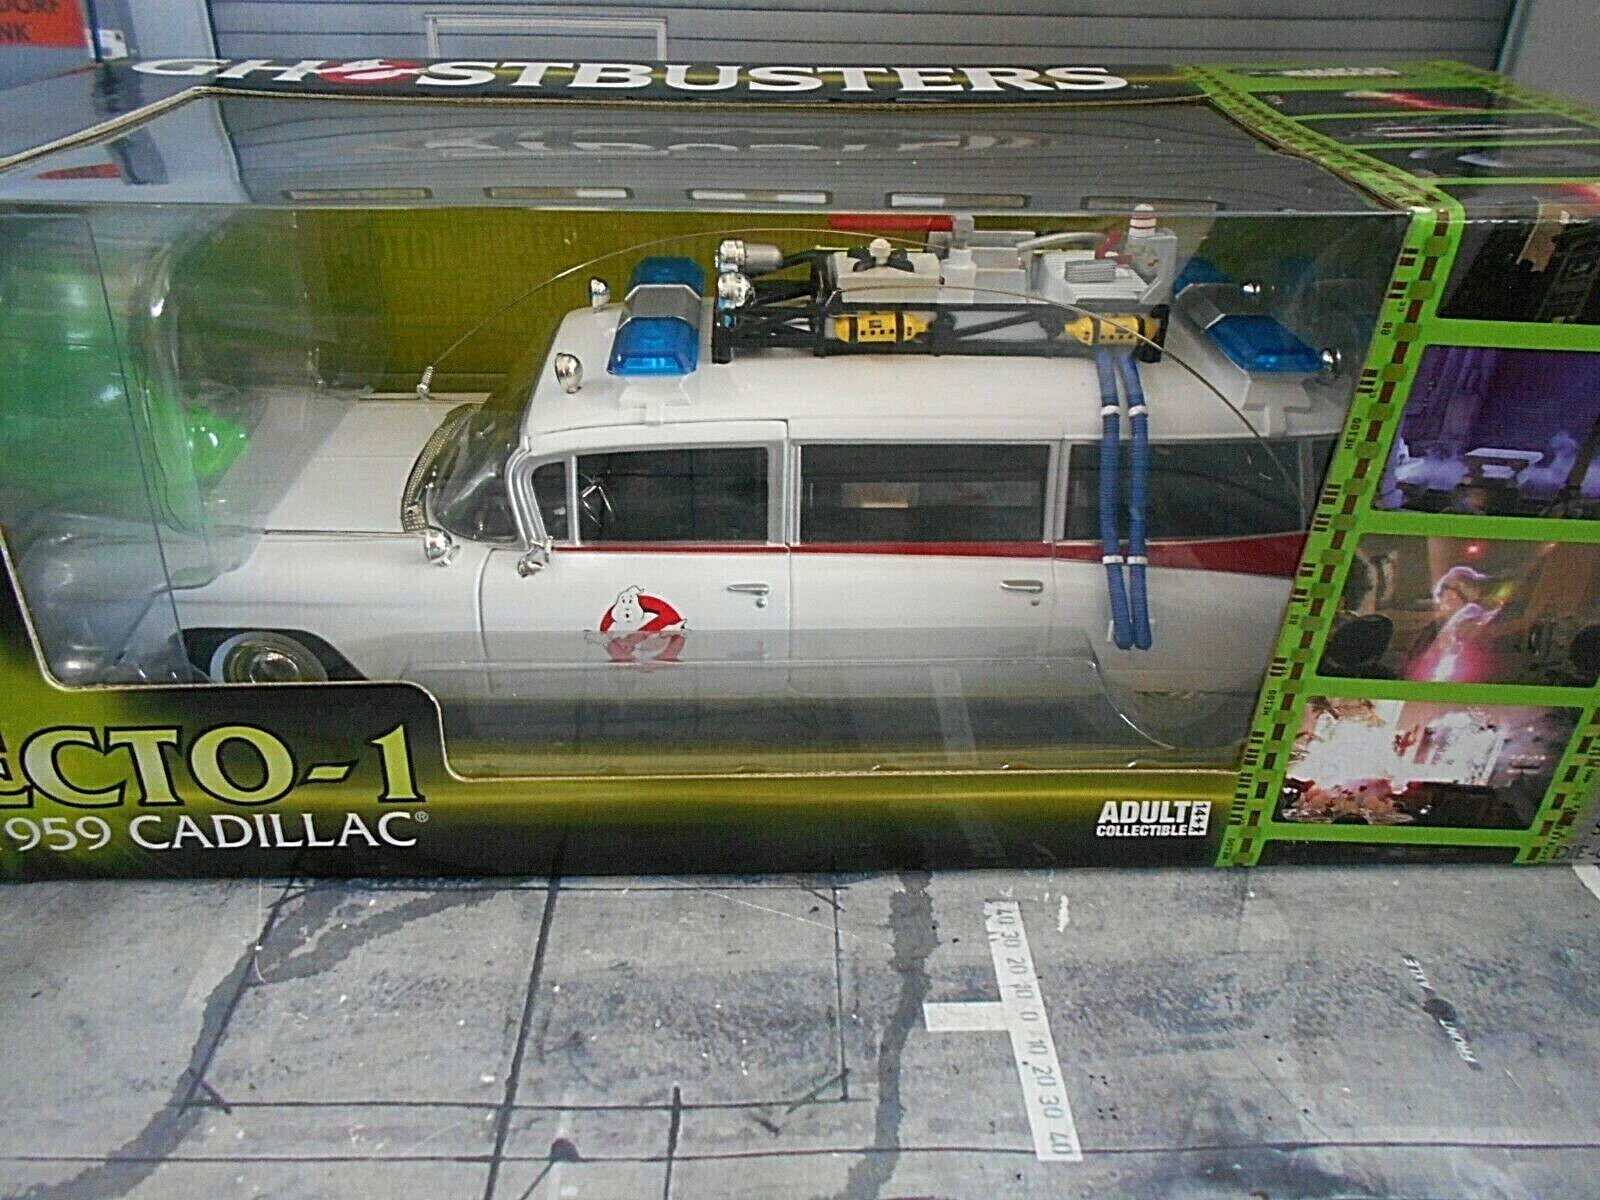 CADILLAC Ambulance Ecto 1  année modèle 1959 film Ghostbusters ertl autoworld 1 18  magasin d'usine